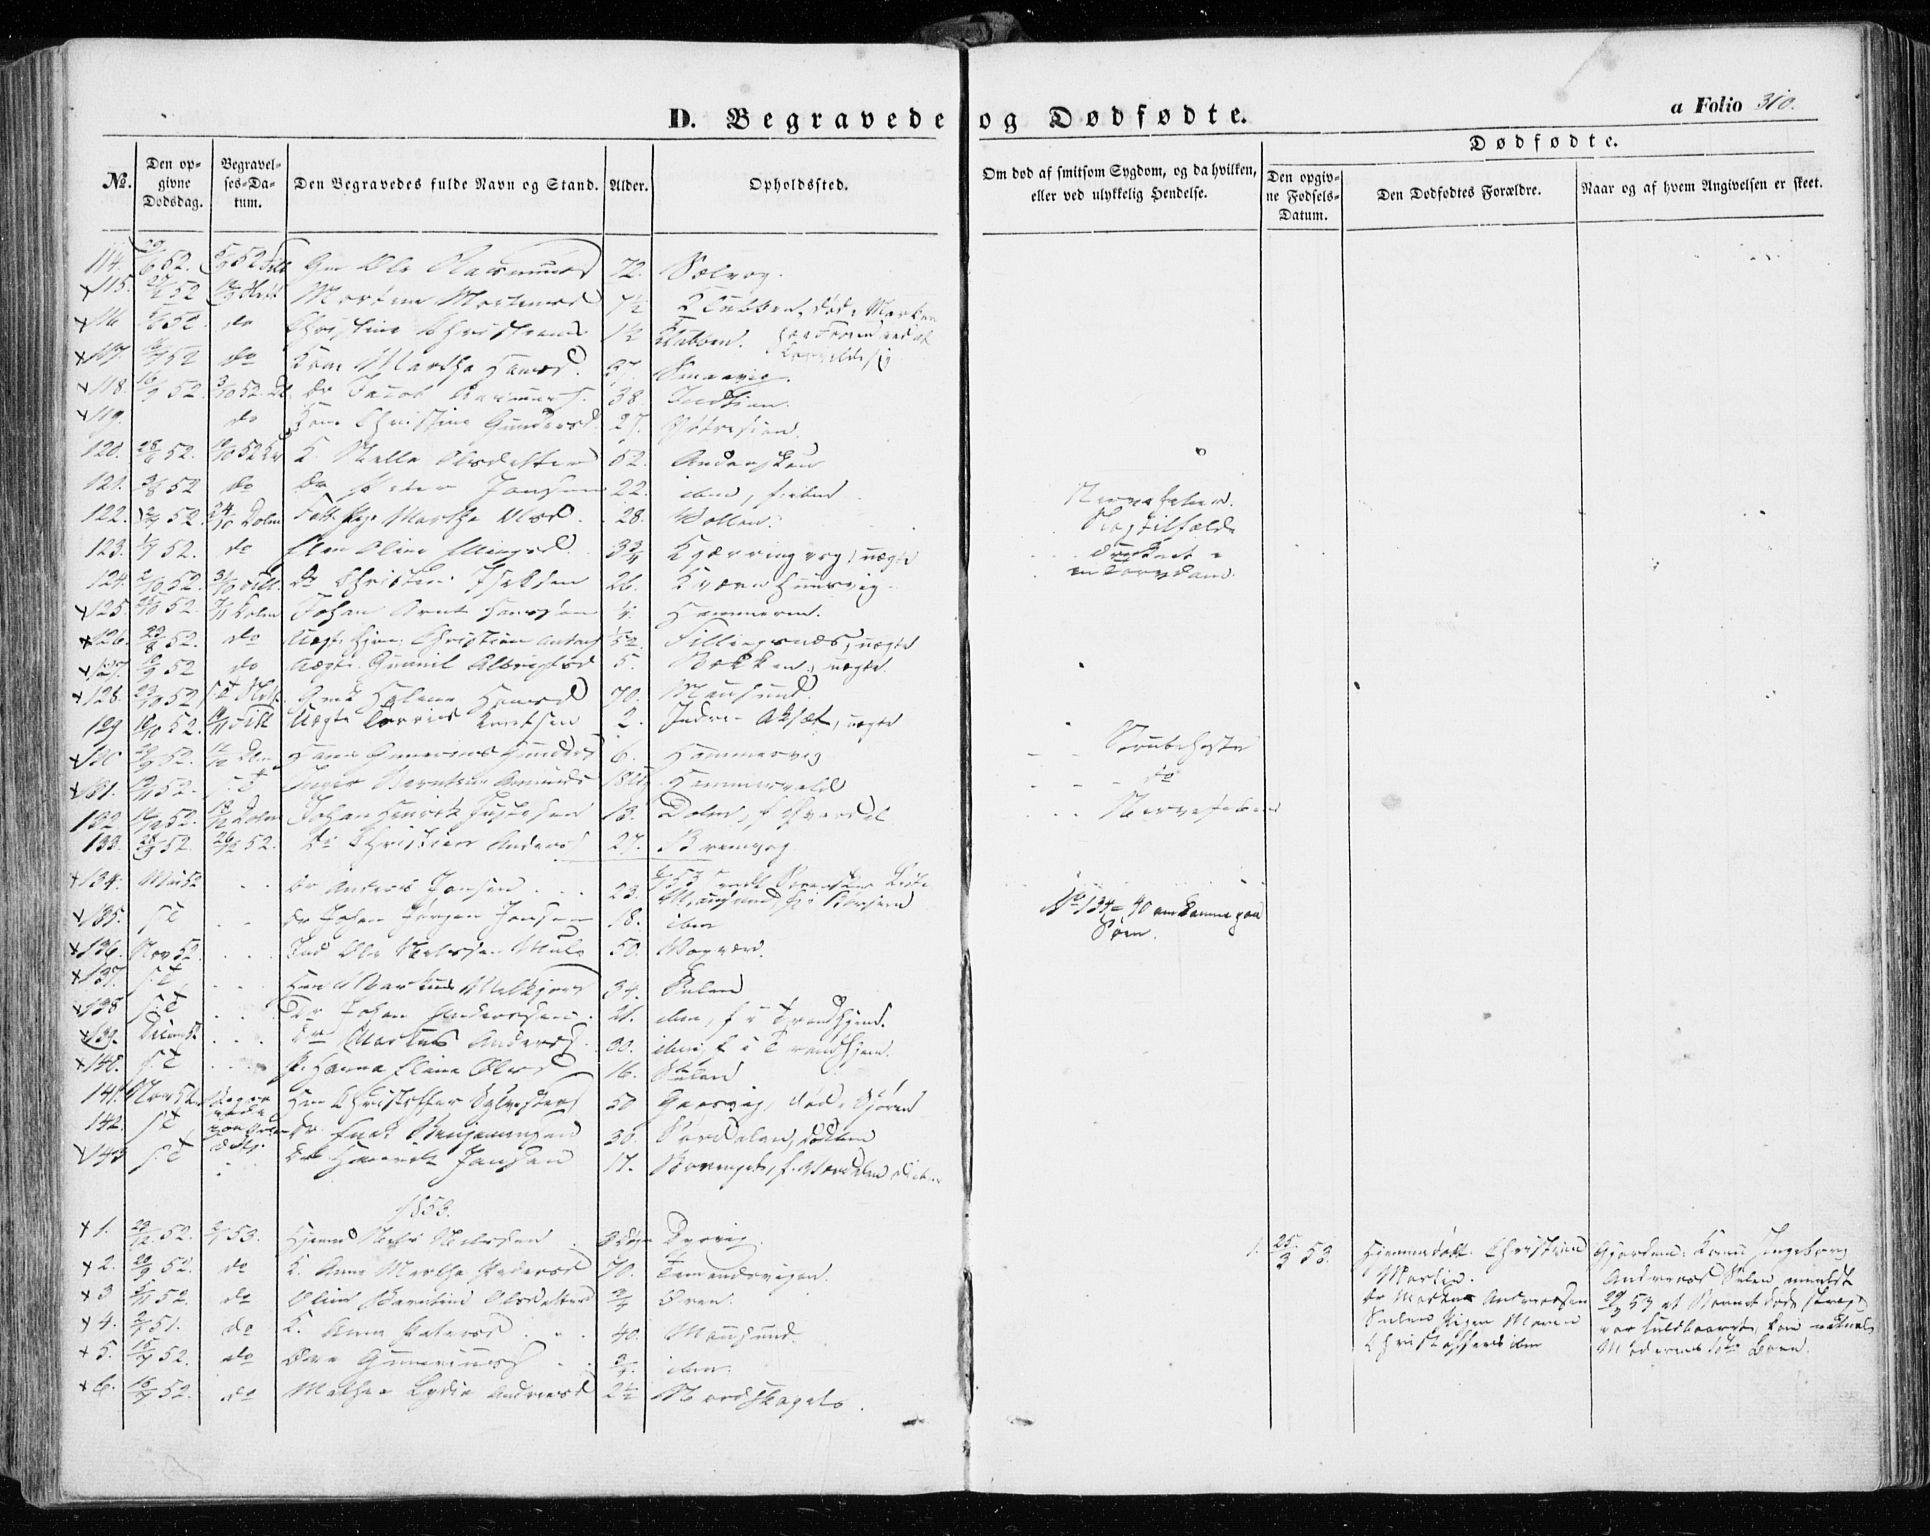 SAT, Ministerialprotokoller, klokkerbøker og fødselsregistre - Sør-Trøndelag, 634/L0530: Ministerialbok nr. 634A06, 1852-1860, s. 310